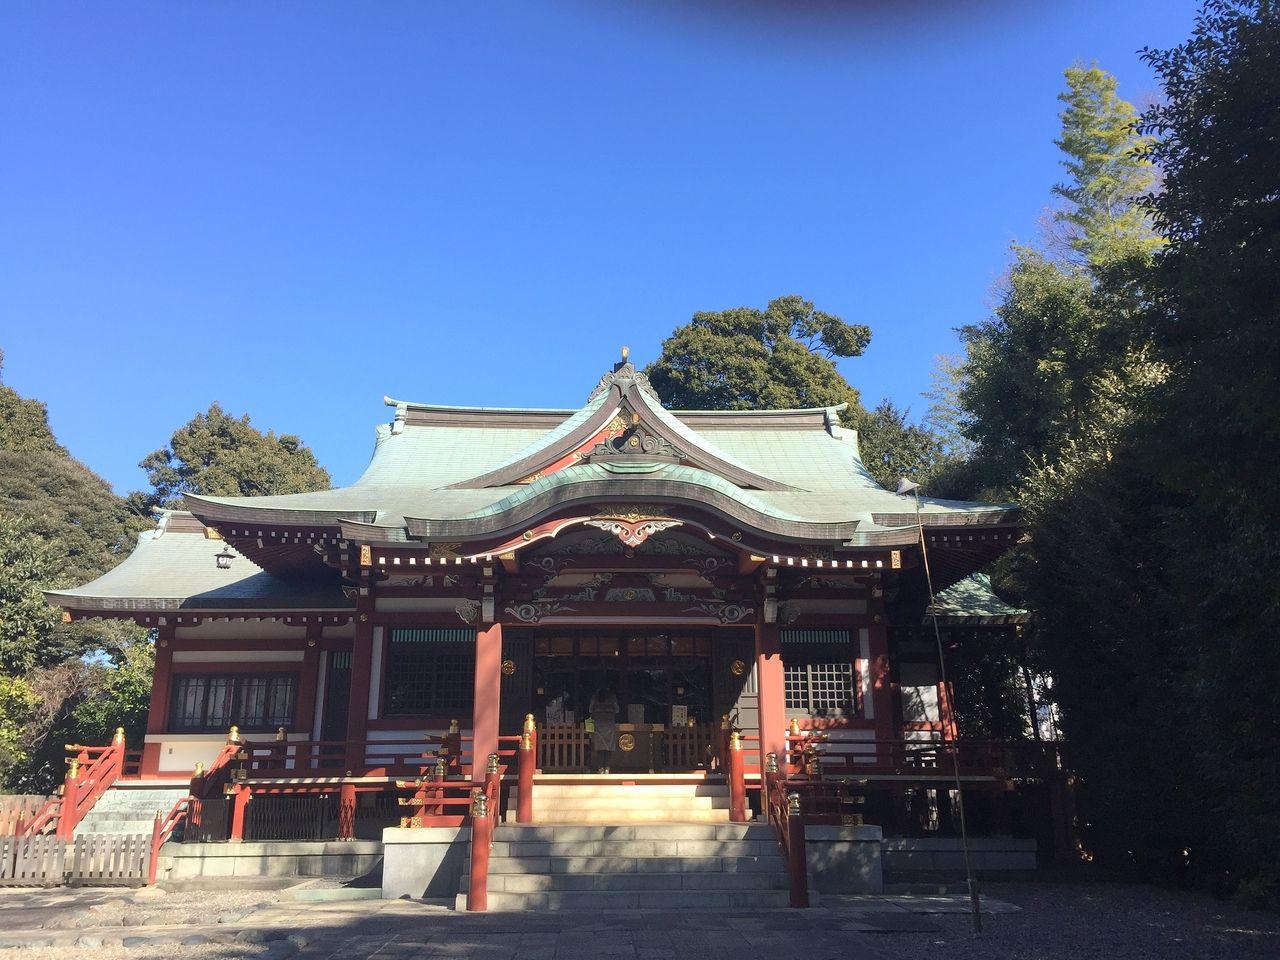 ガイドツアーですよ。「むかし武蔵野歴史散策ツアー」意外に古い吉祥寺の歴史